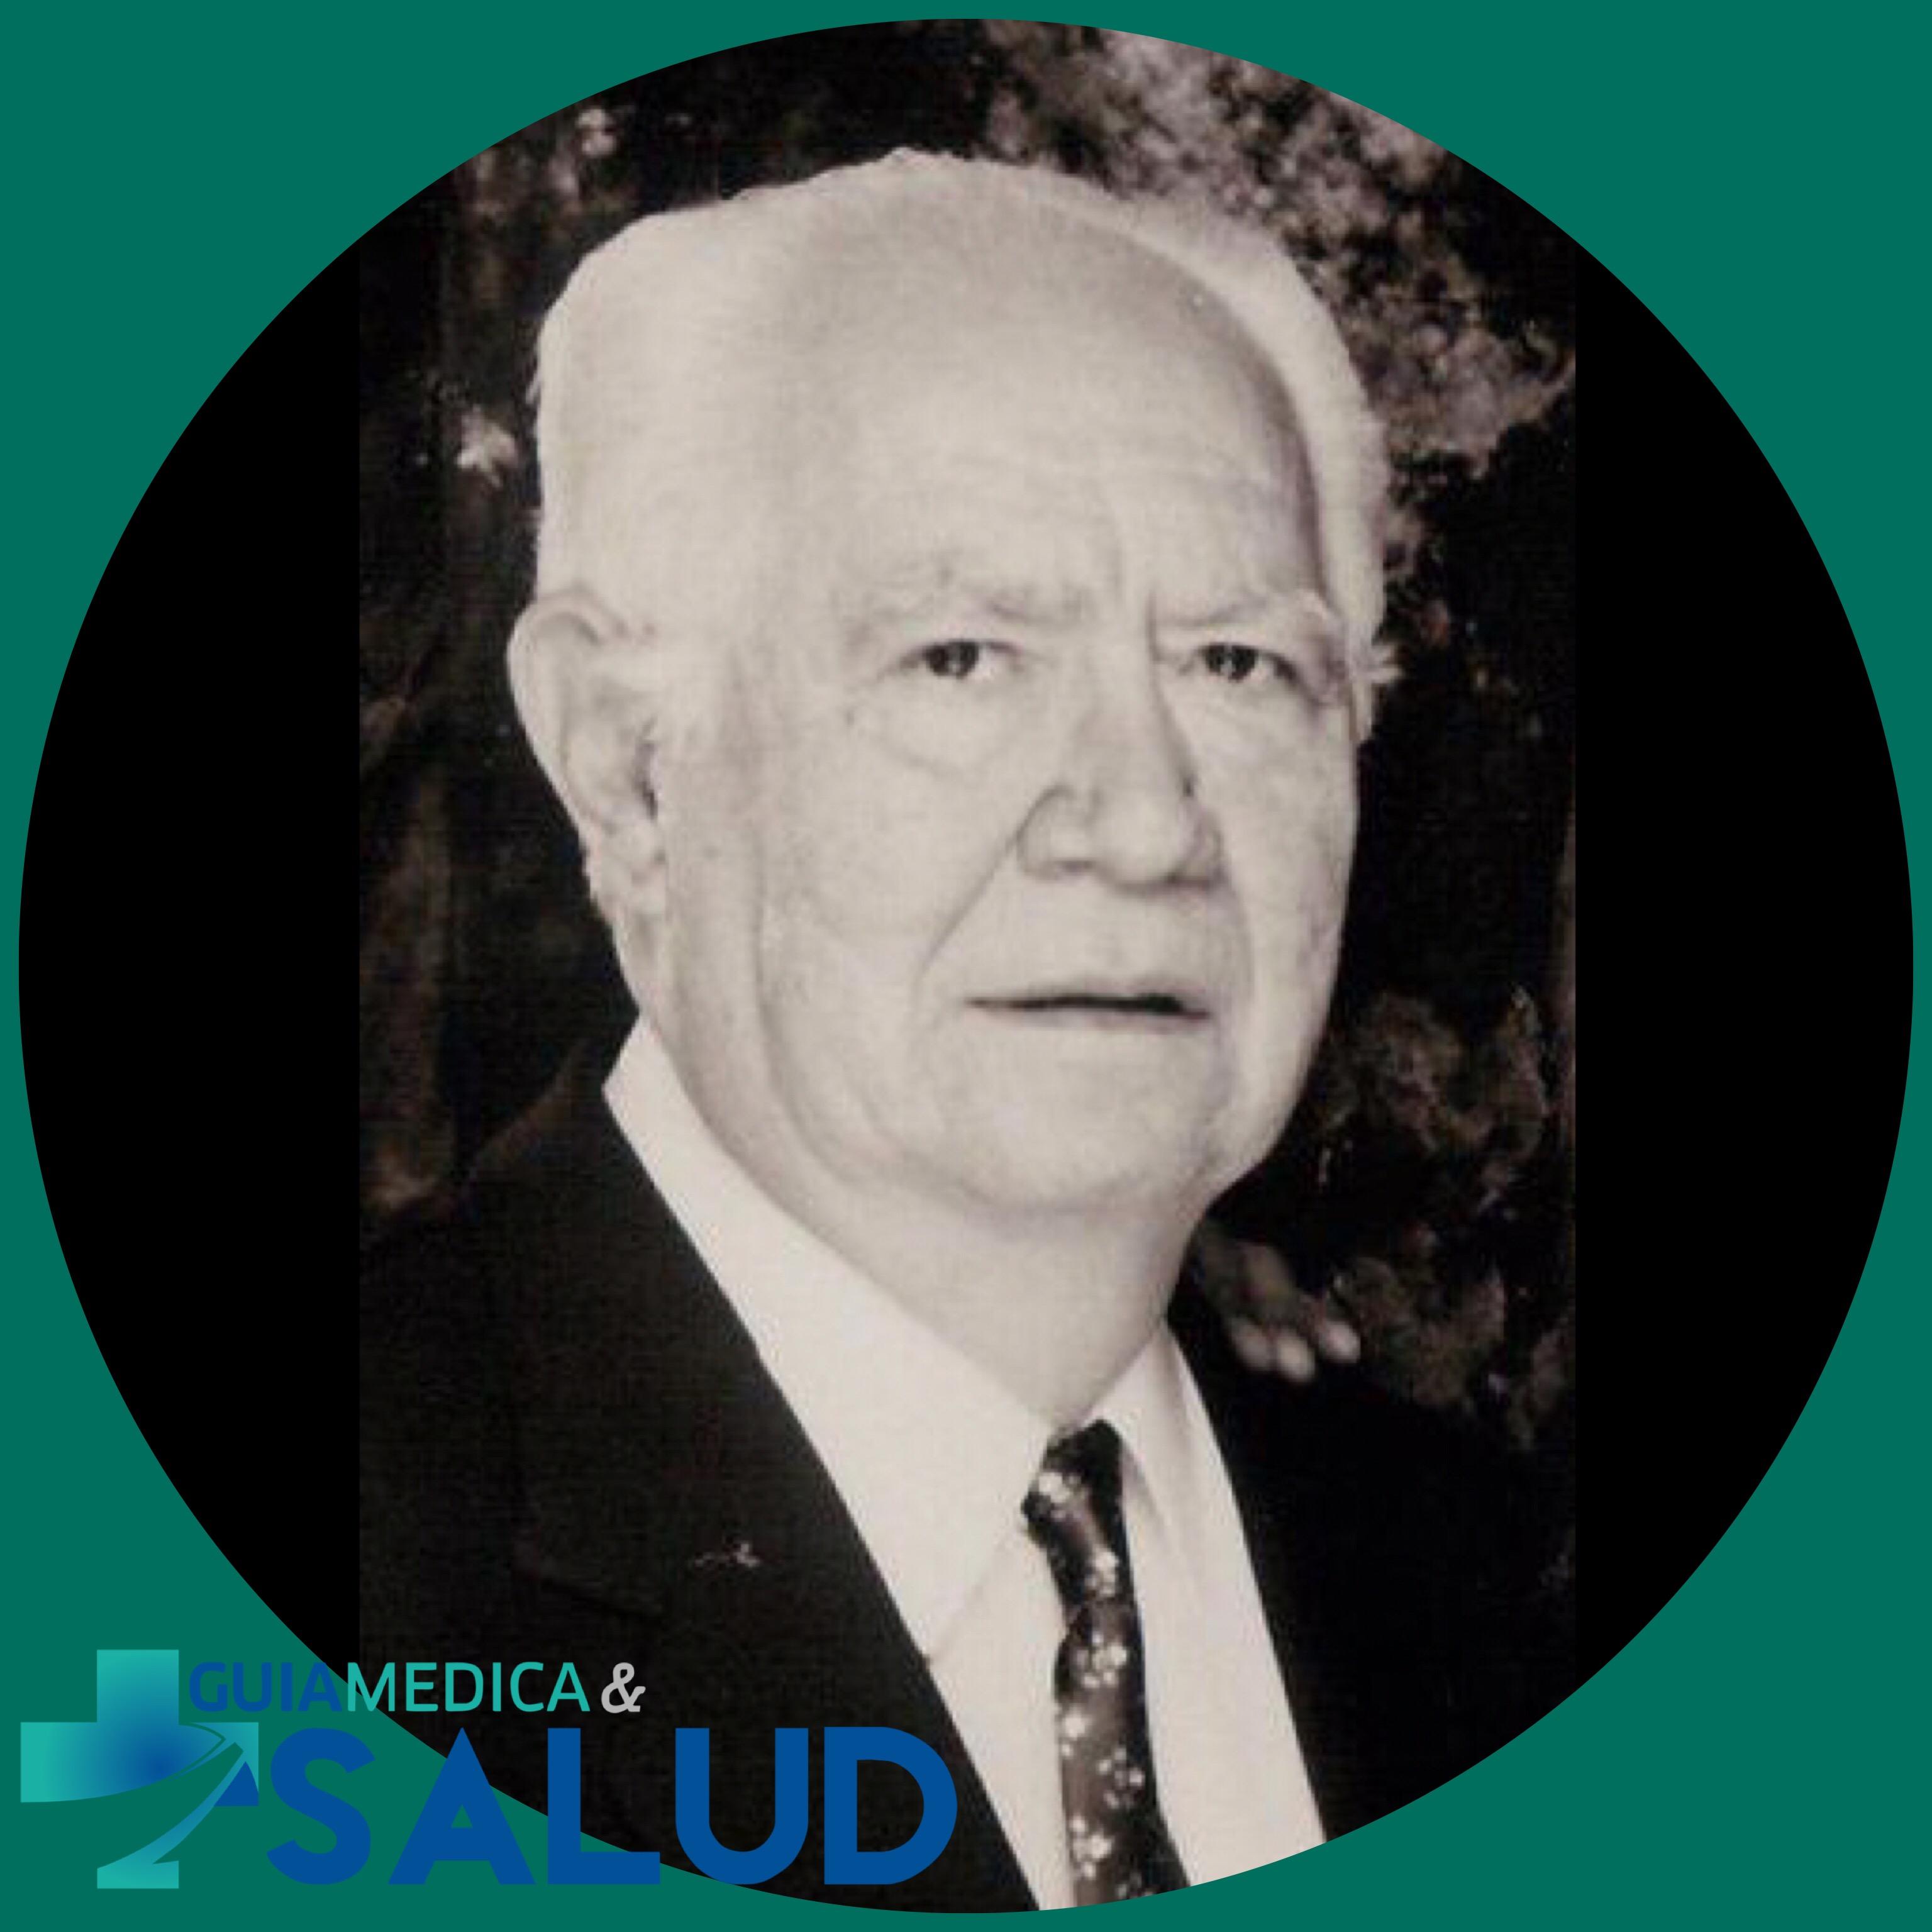 Dr. Ronald Amado Rolón Morinigo